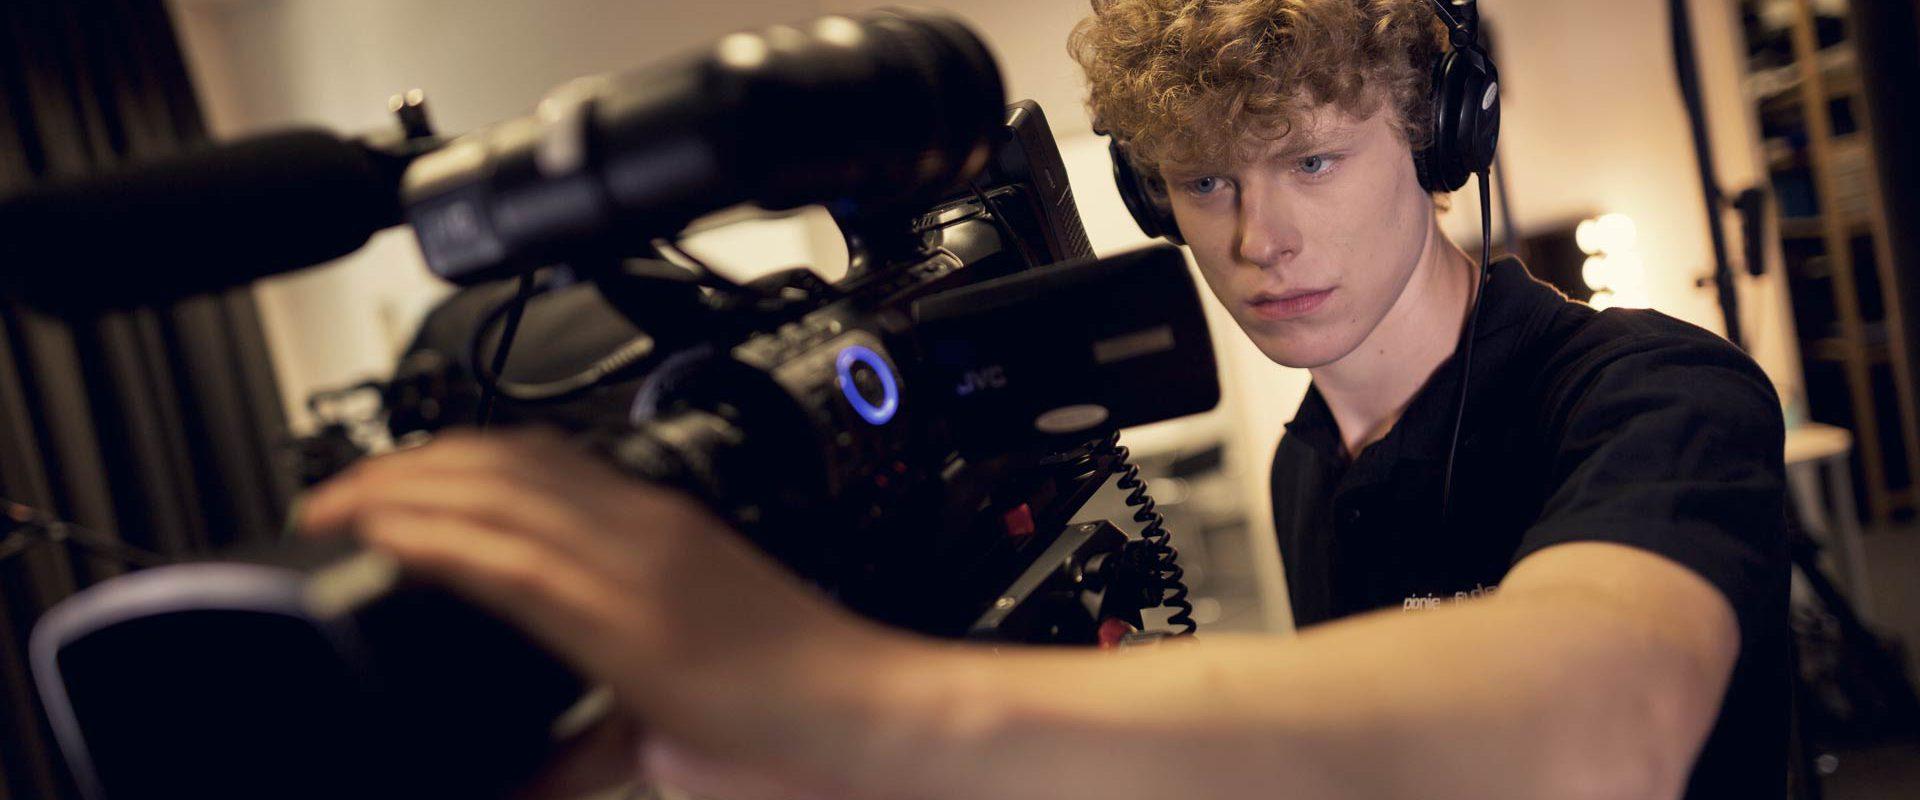 Wir verfügen über jede Menge Kameratechnik, so dass wir parallel Kamerateams losschicken können.